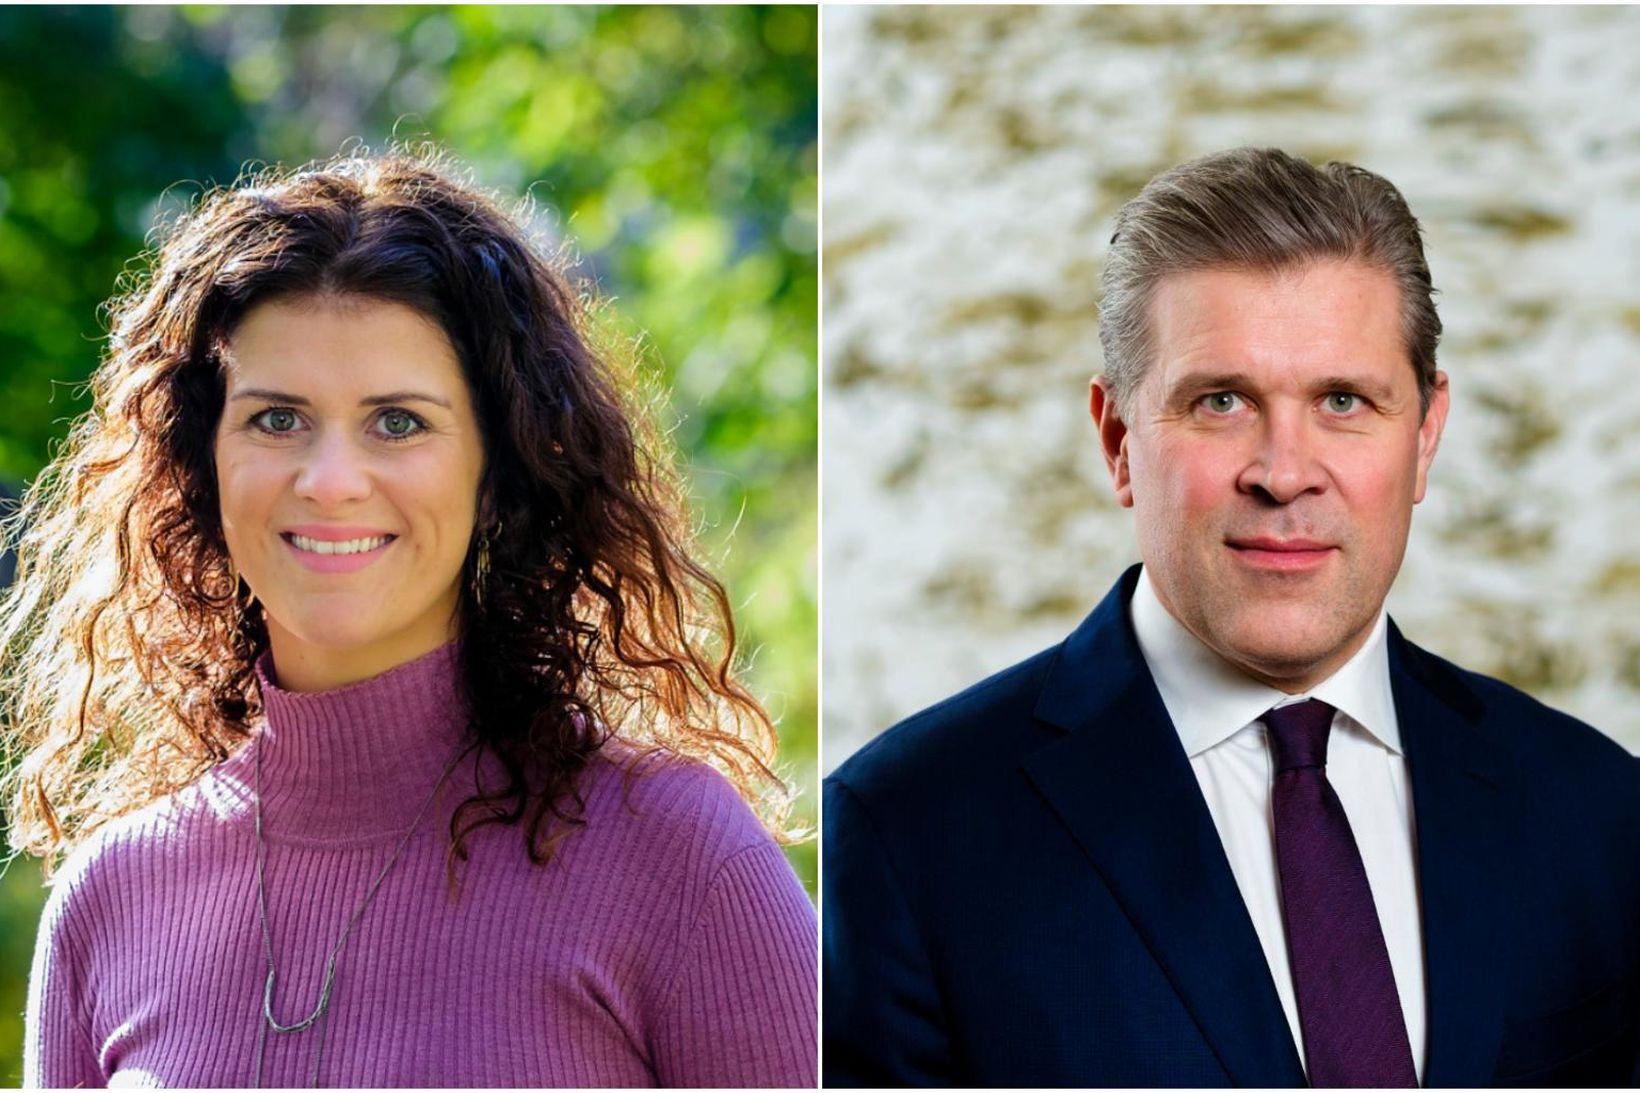 Þórdís Kolbrún Reykfjörð Gylfadóttir og Bjarni Benediktsson.